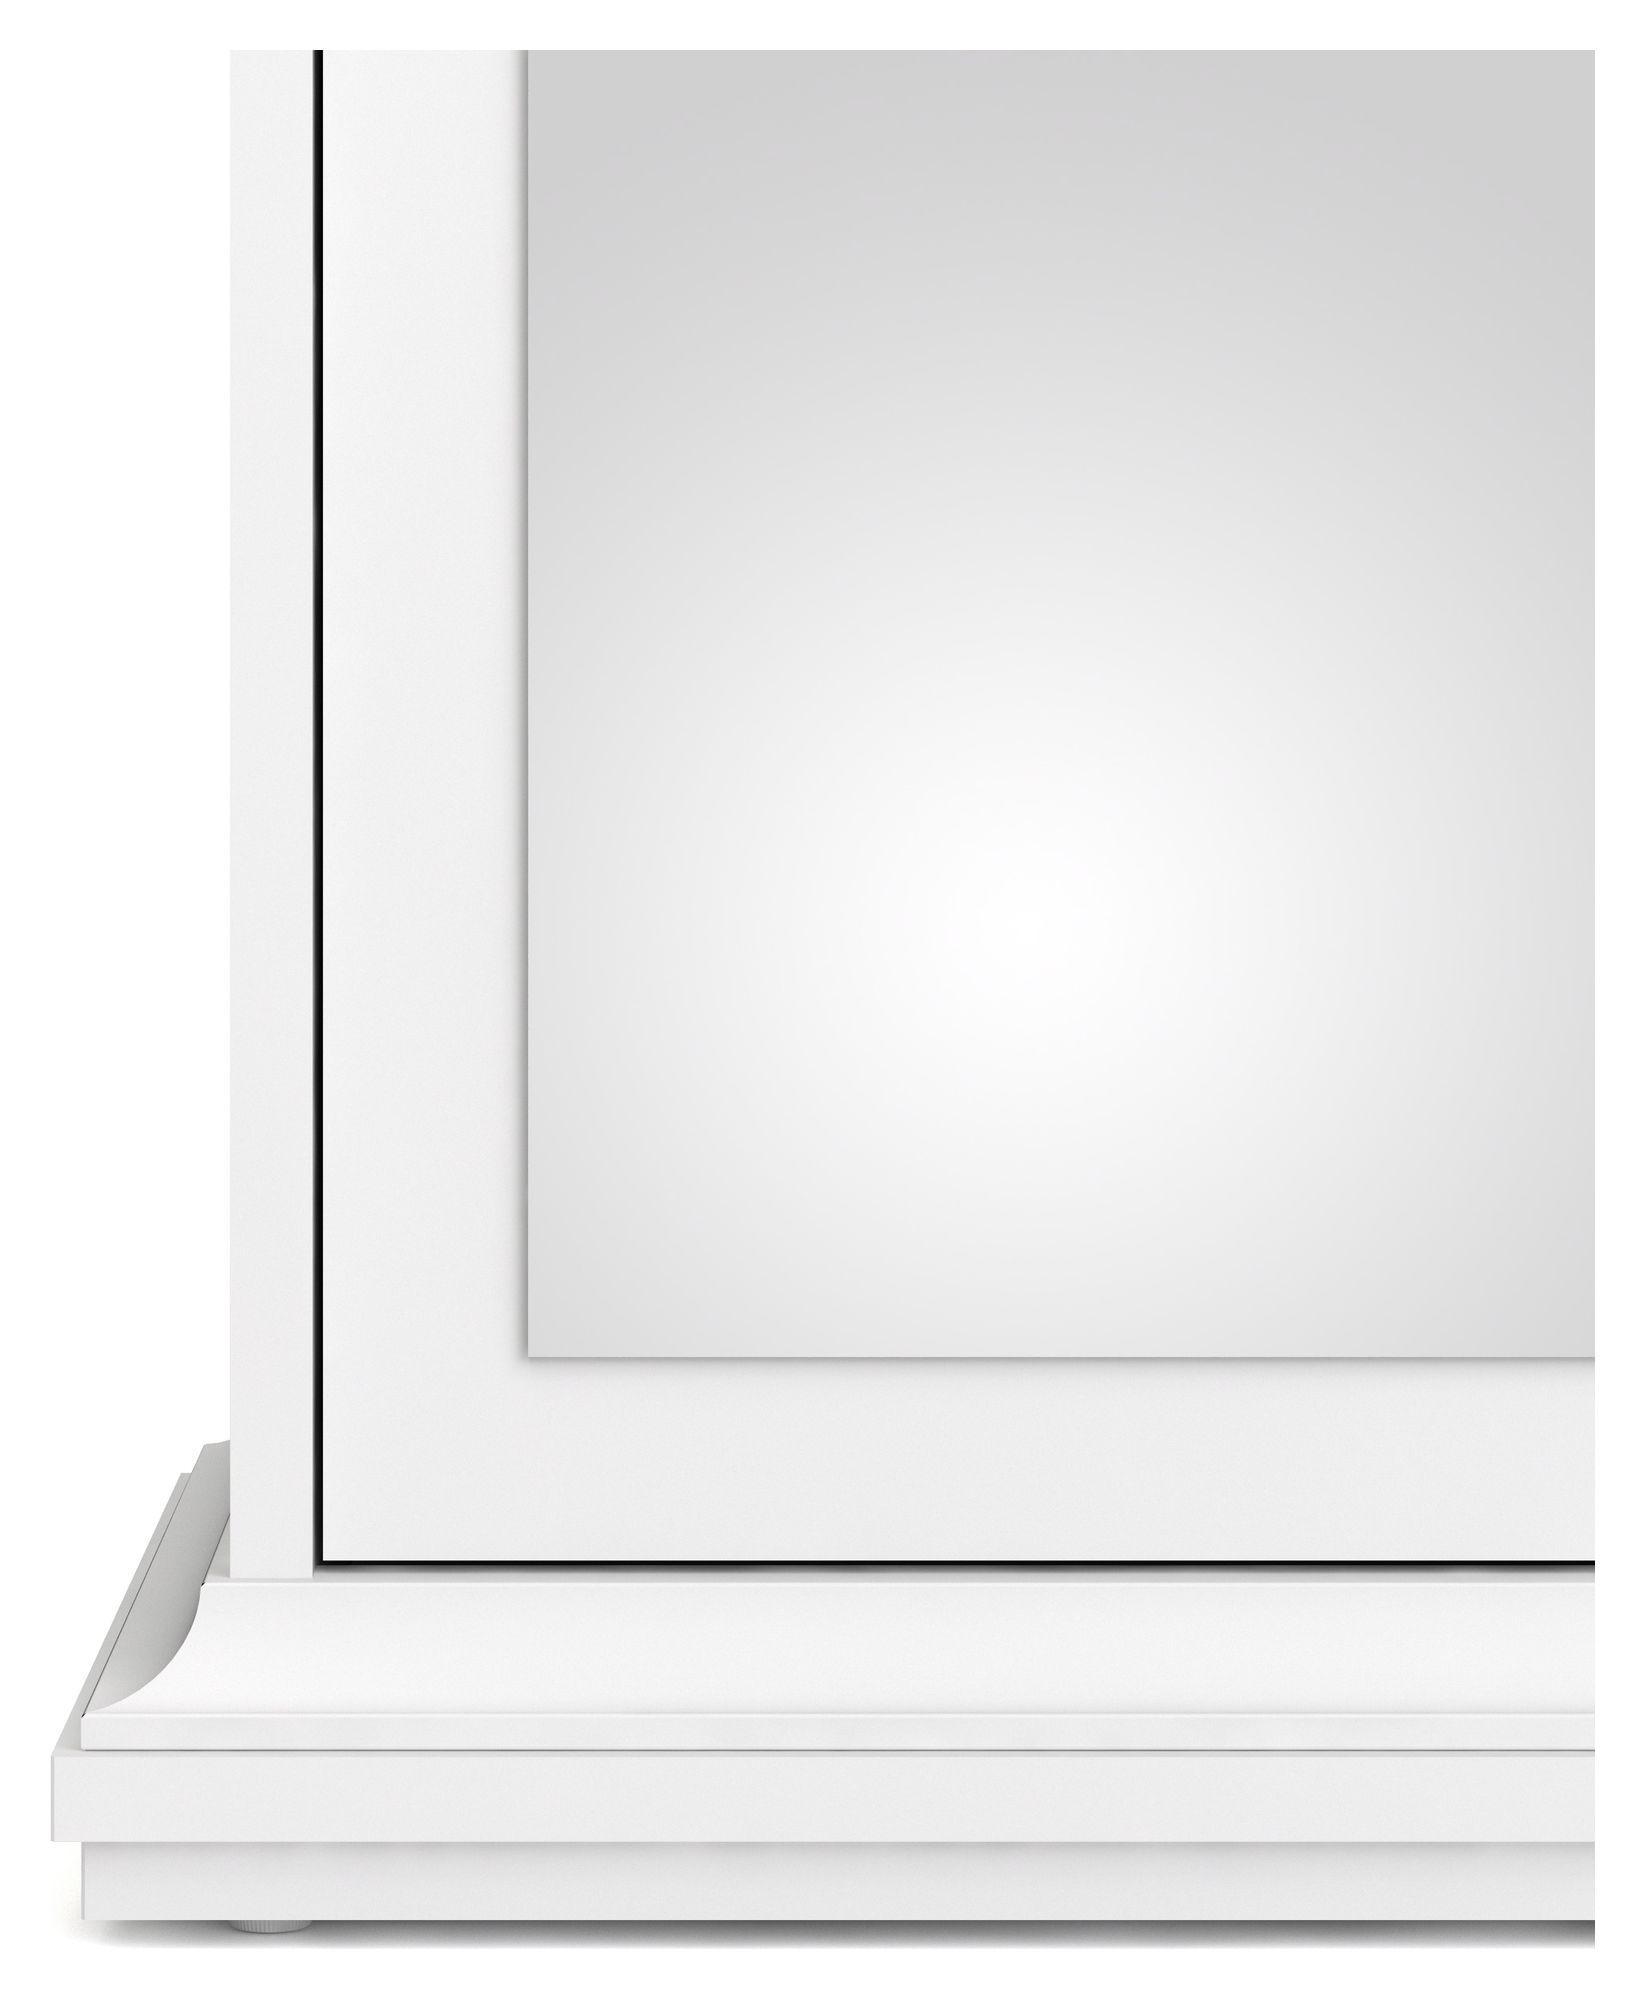 Paris Garderobeskab - Hvid B:62 H:200 - Hvidt garderobeskab med spejlfront